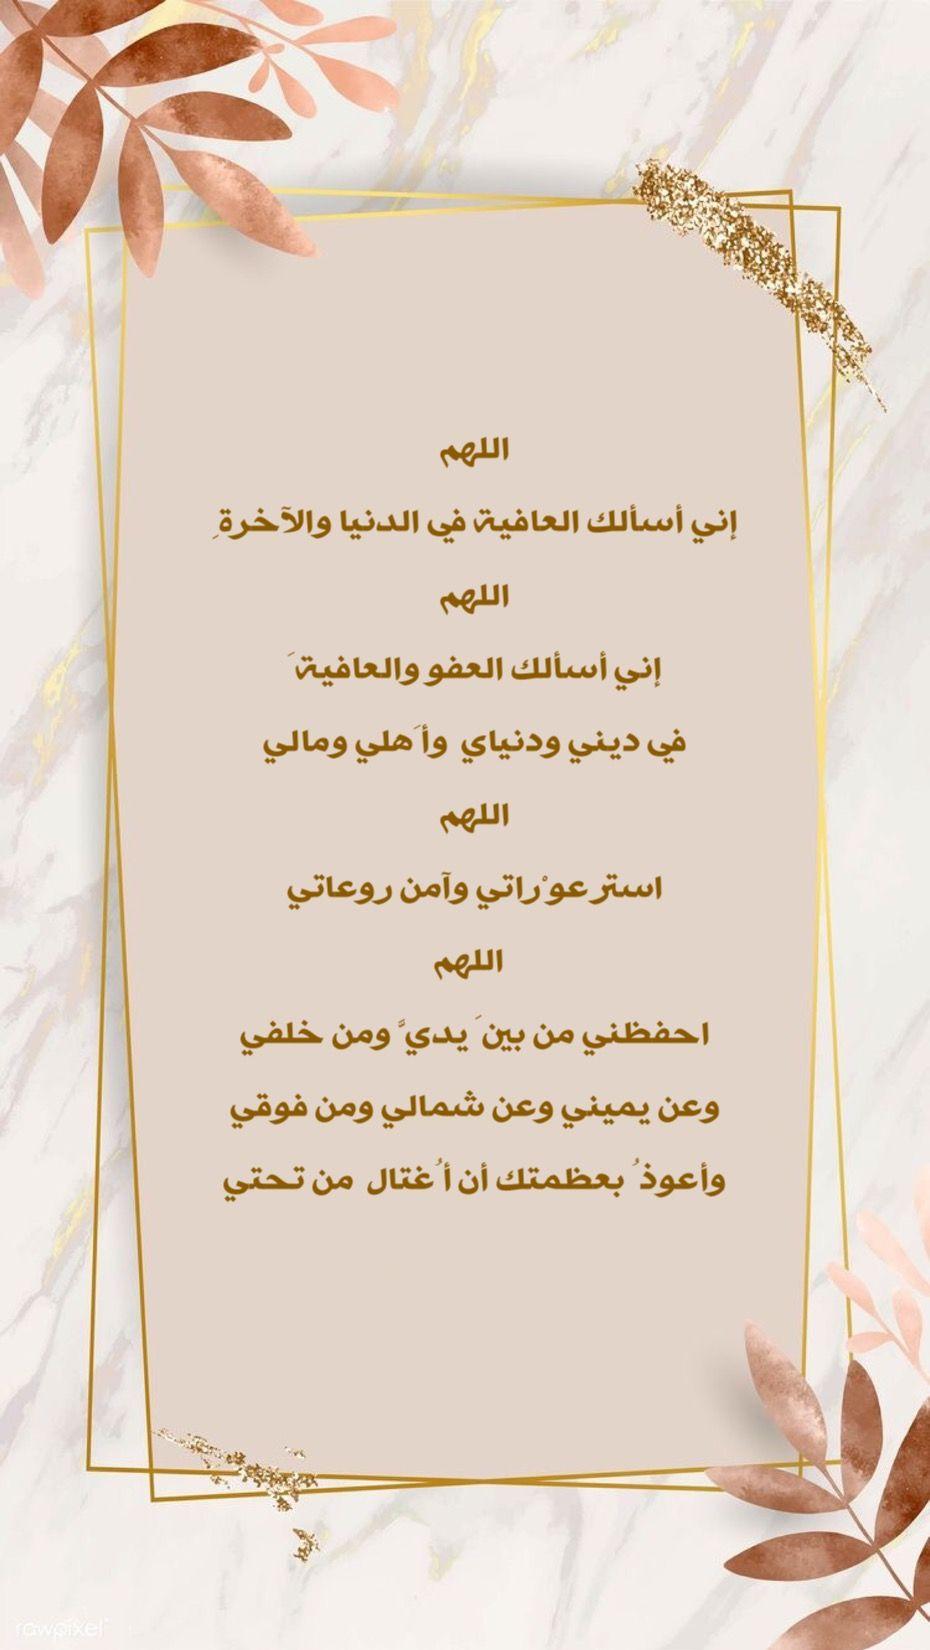 اللهم اني اسألك العفو والعافية Islamic Quotes Wallpaper Islamic Phrases Islamic Images